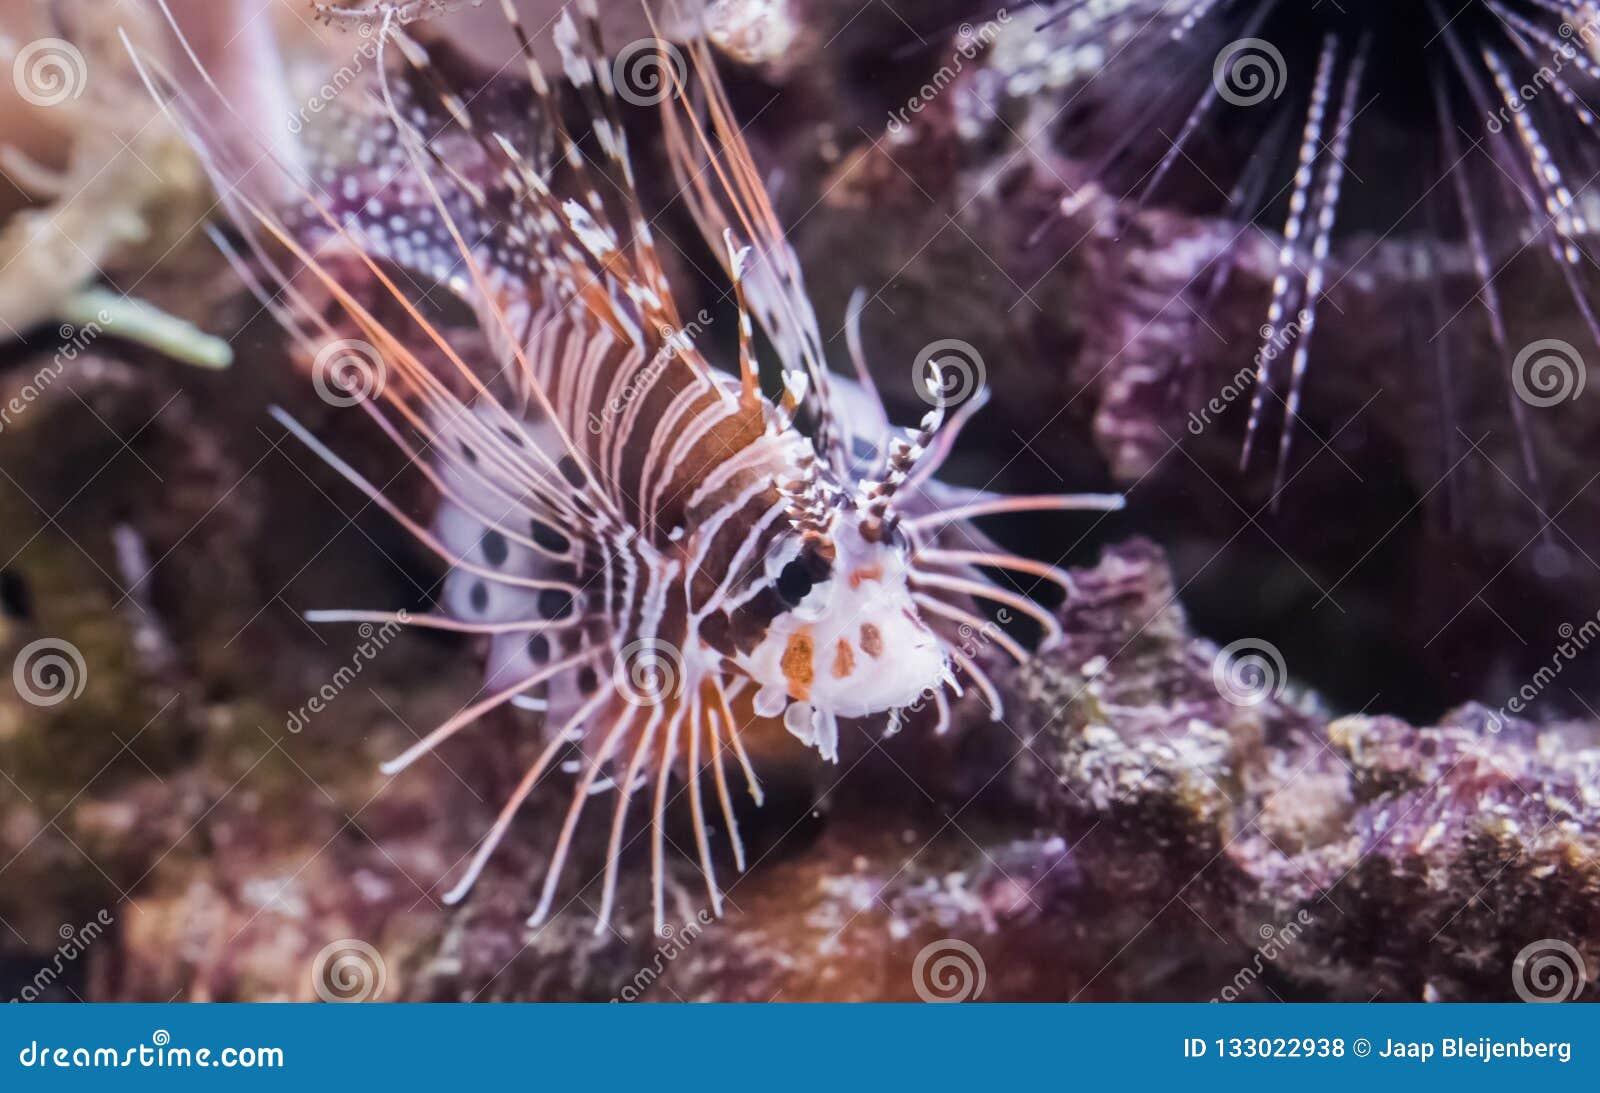 Ψάρια λιονταριών πτερυγίων σημείων, ένα τροπικό νάνο κατοικίδιο ζώο ενυδρείων από το Ειρηνικό Ωκεανό